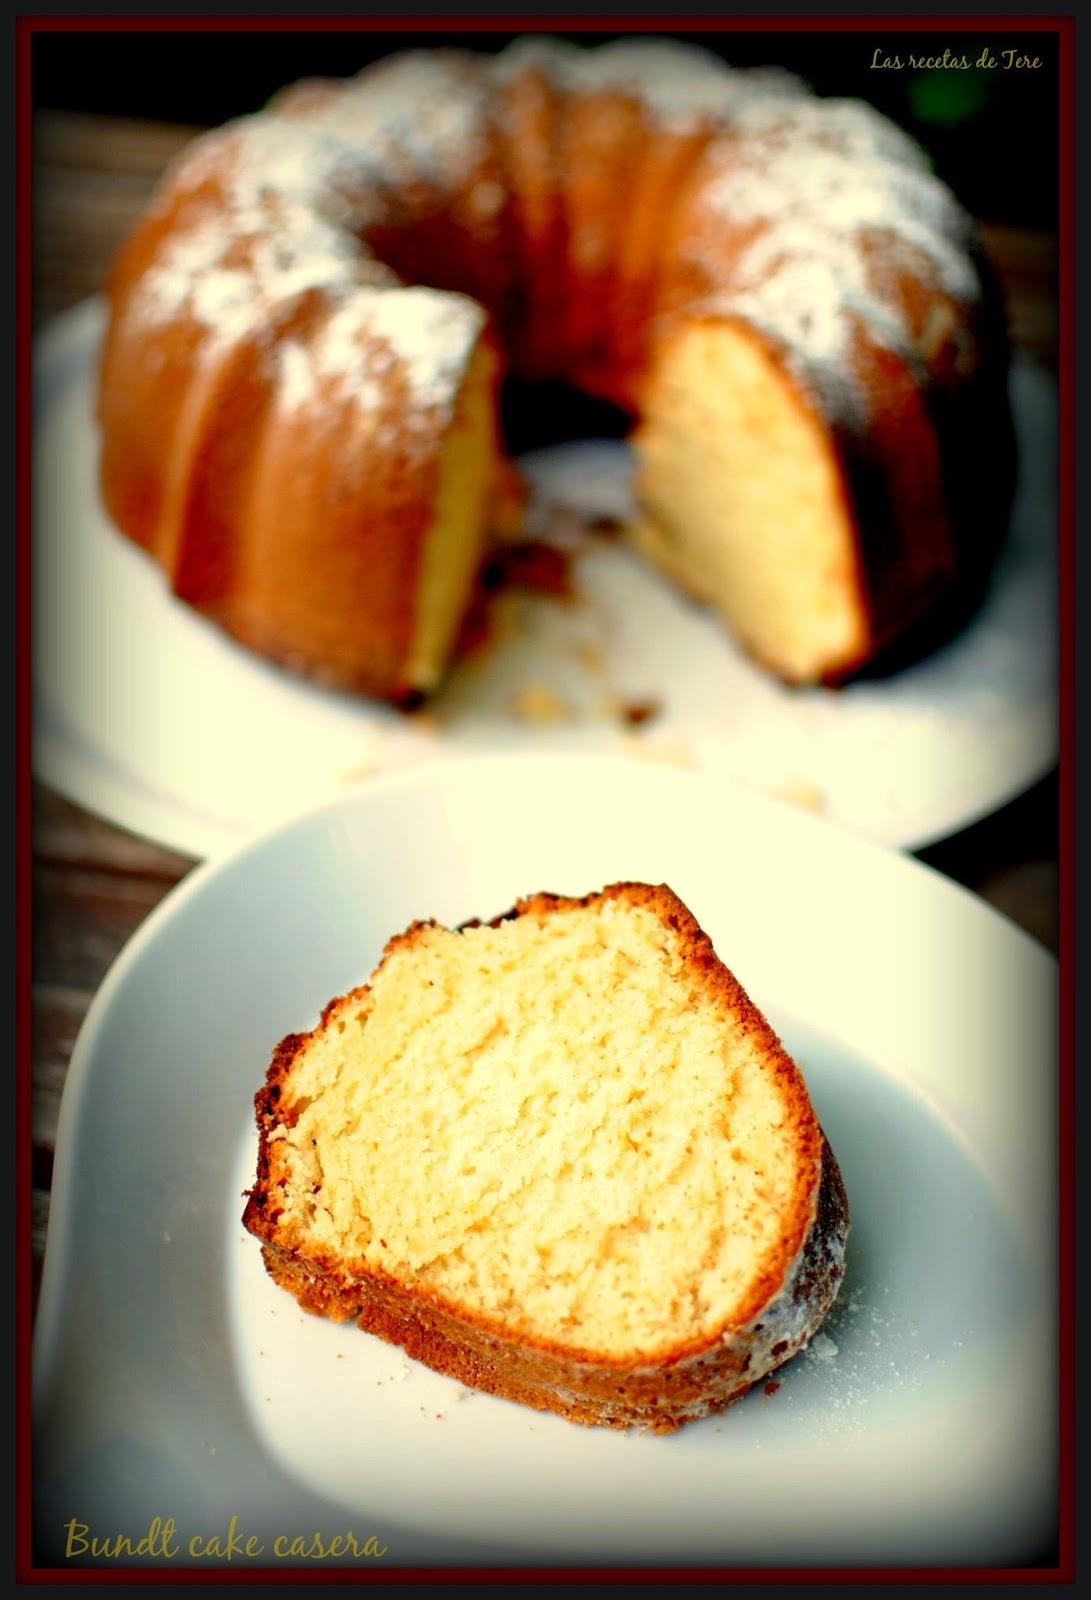 bundt cake casera las recetas de tere 05